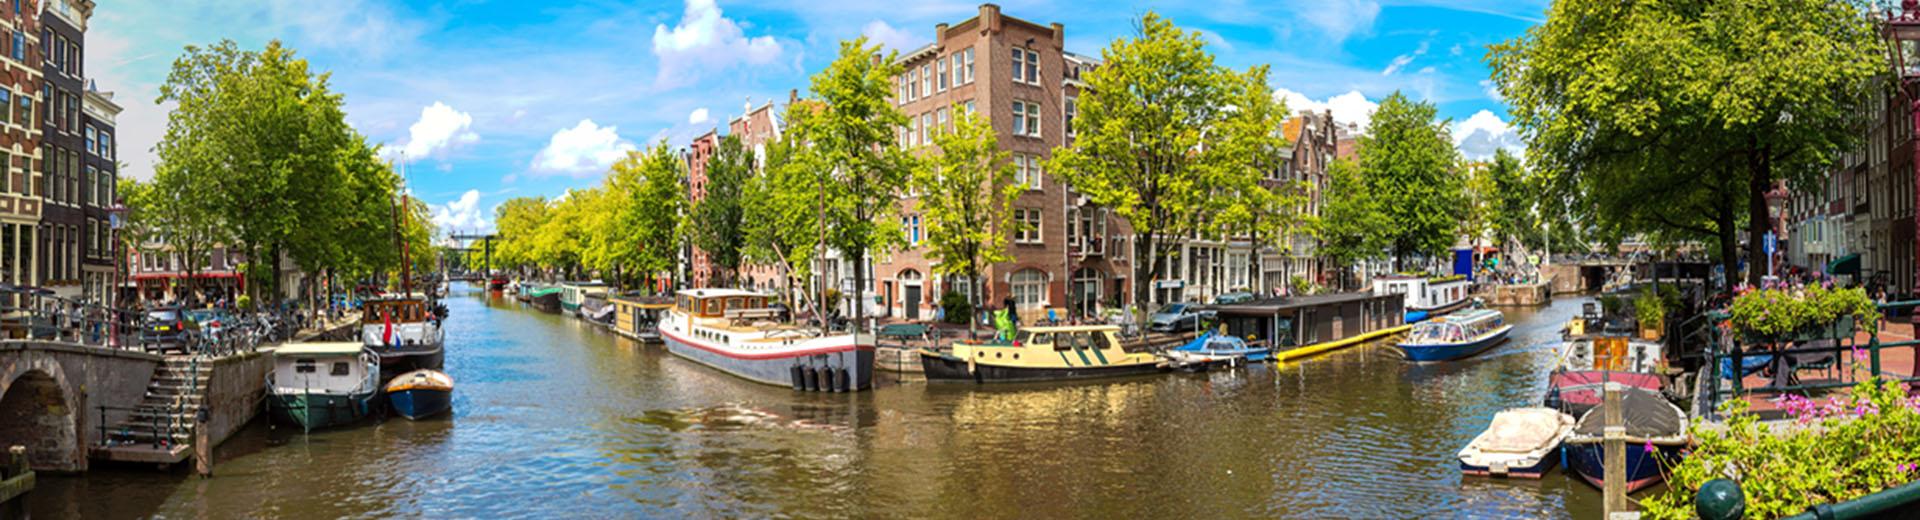 Voyage en groupe Amsterdam - offre classique avion